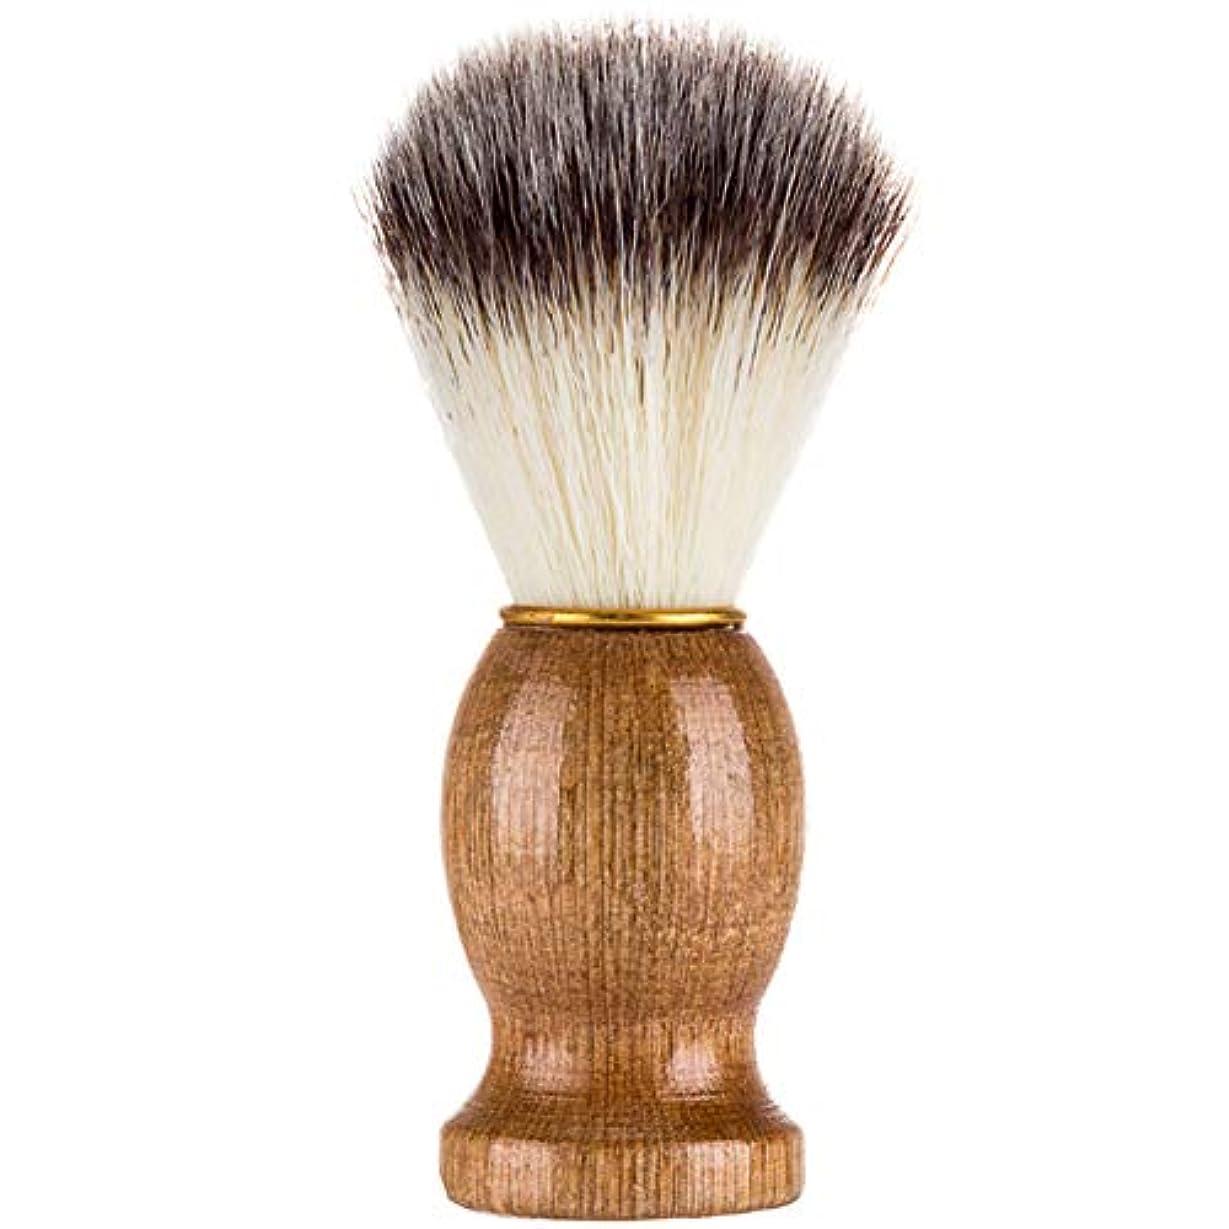 建物株式会社種類Xlp シェービングブラシ、シェービングブラシ、男性シェービングブラシシェービングかみそりブラシサロン理髪店用ツールひげ剃り用品